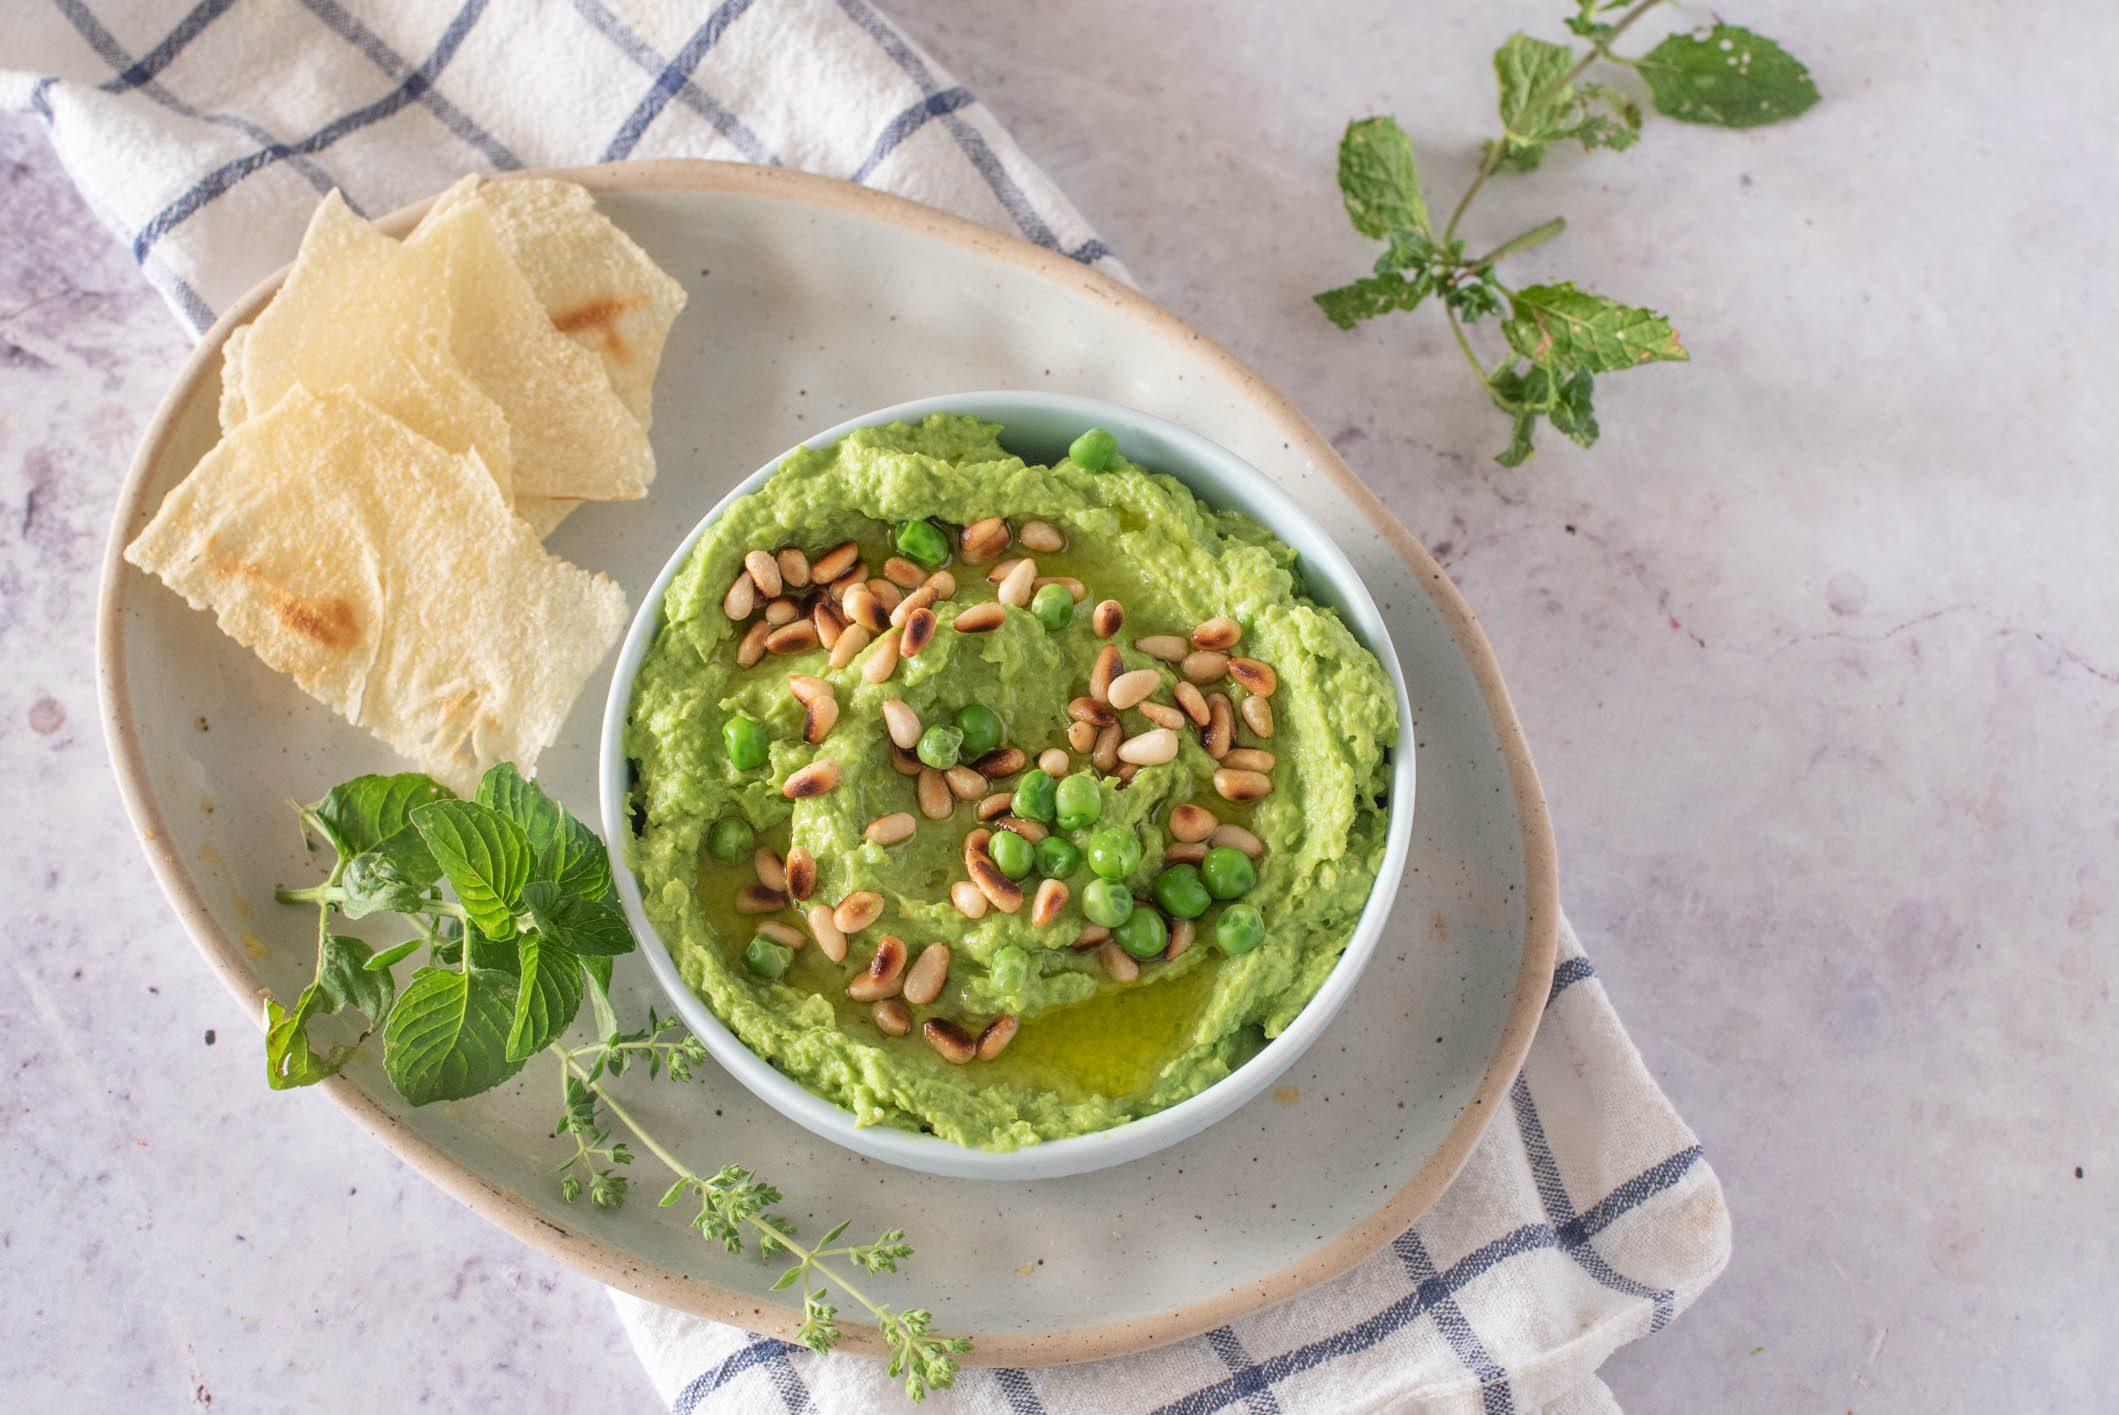 Hummus di piselli: la ricetta della variante fragrante e colorata